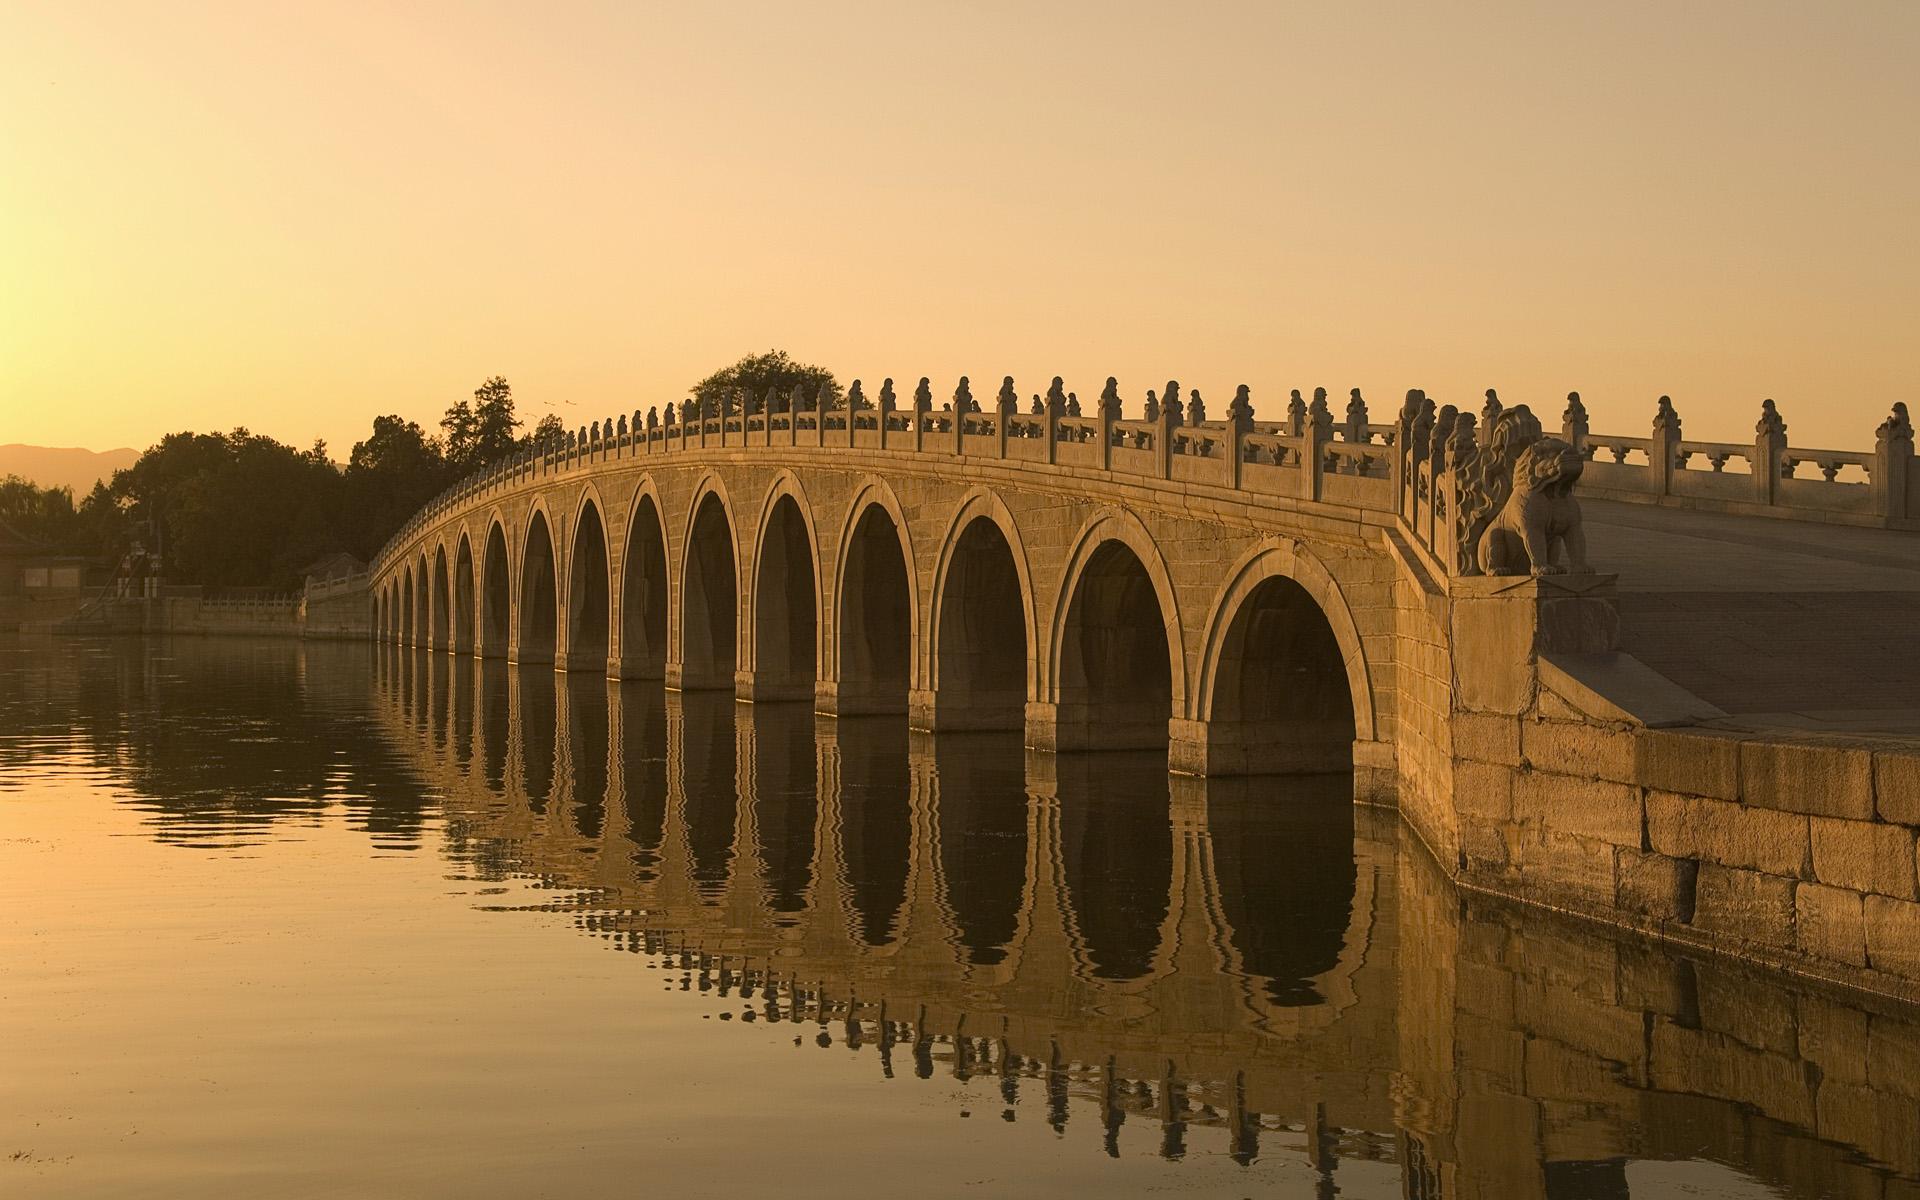 卢沟桥建成 建筑